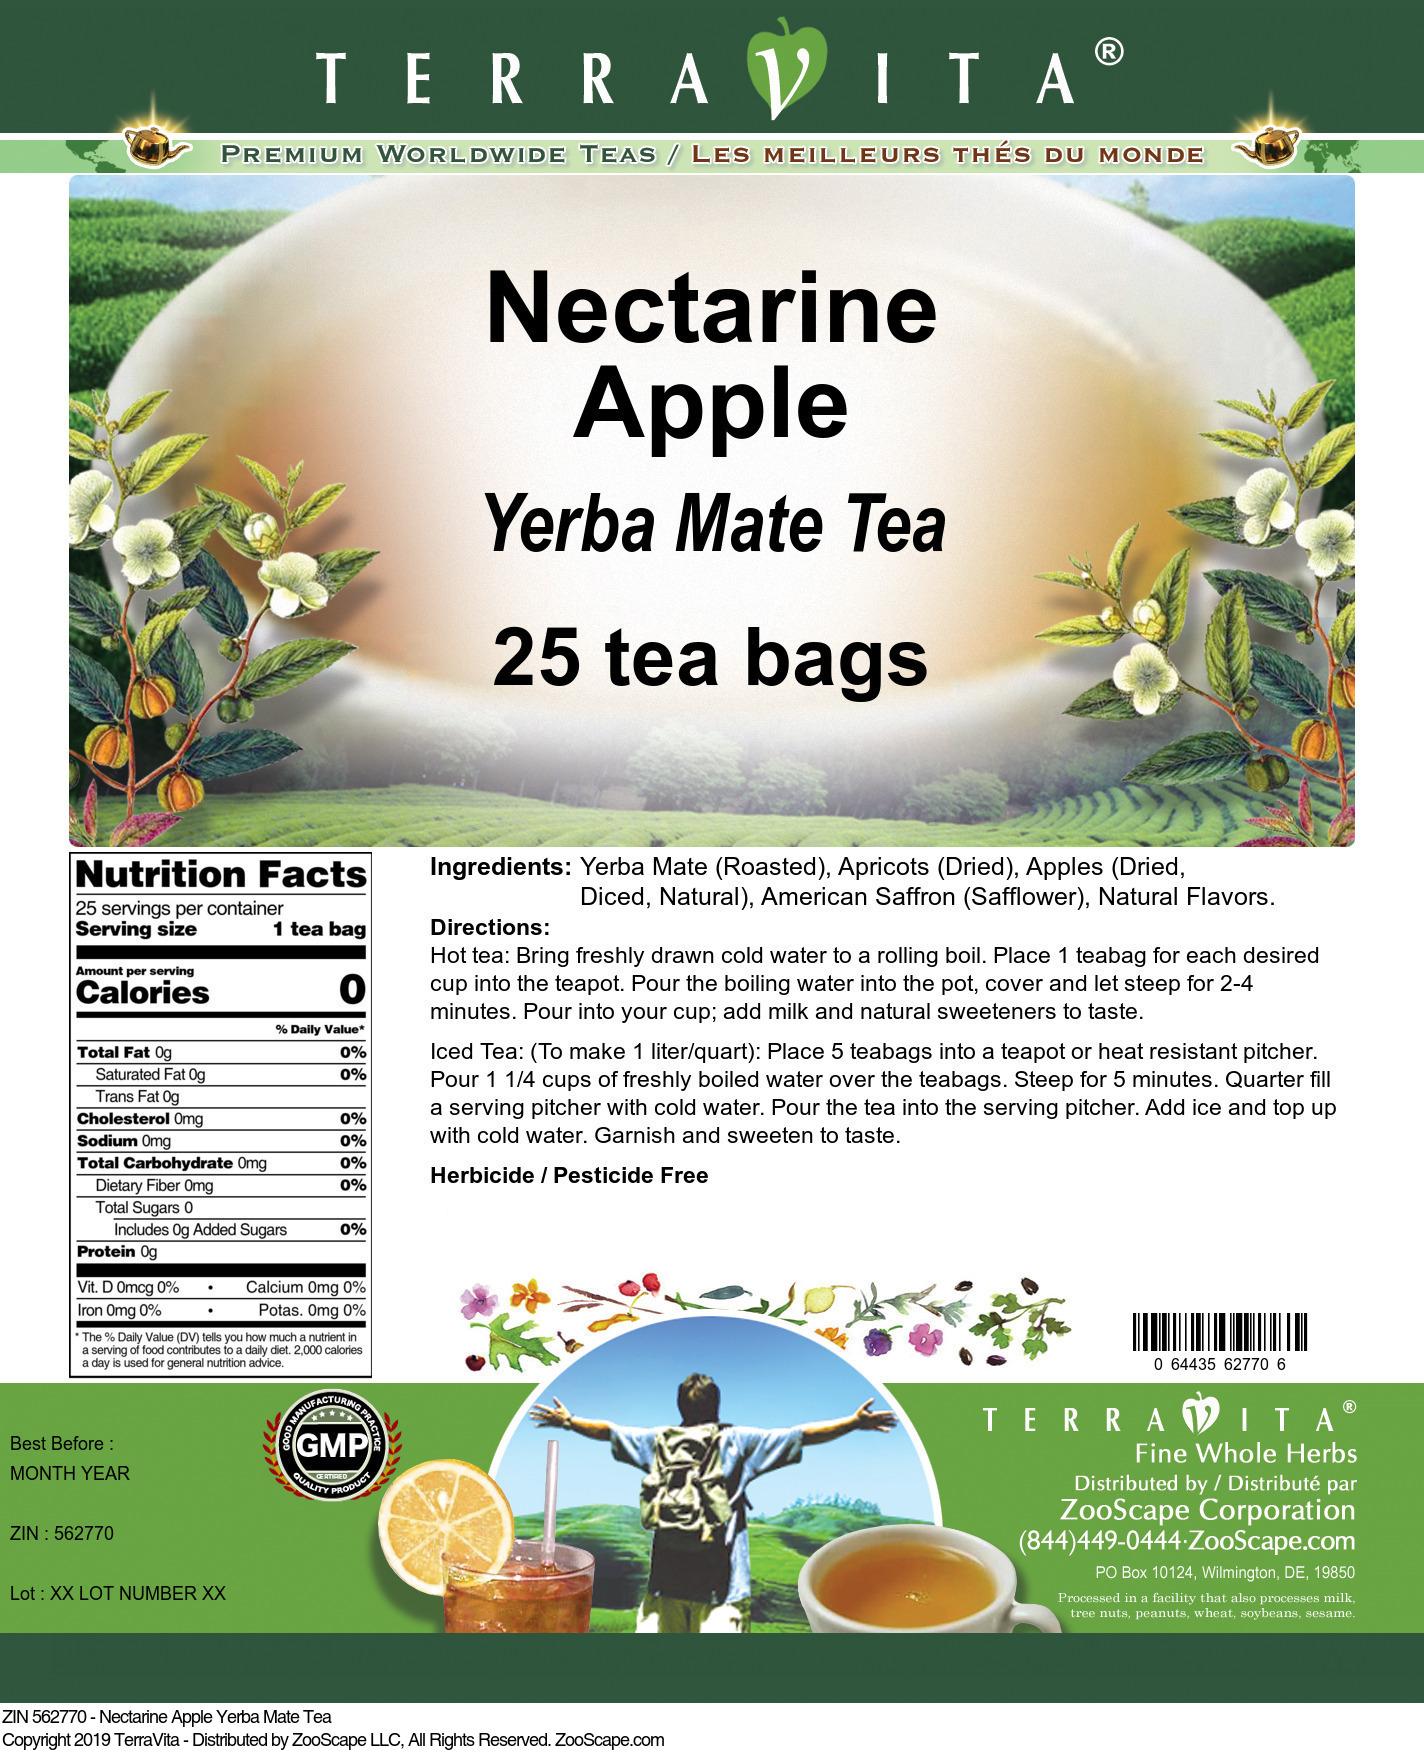 Nectarine Apple Yerba Mate